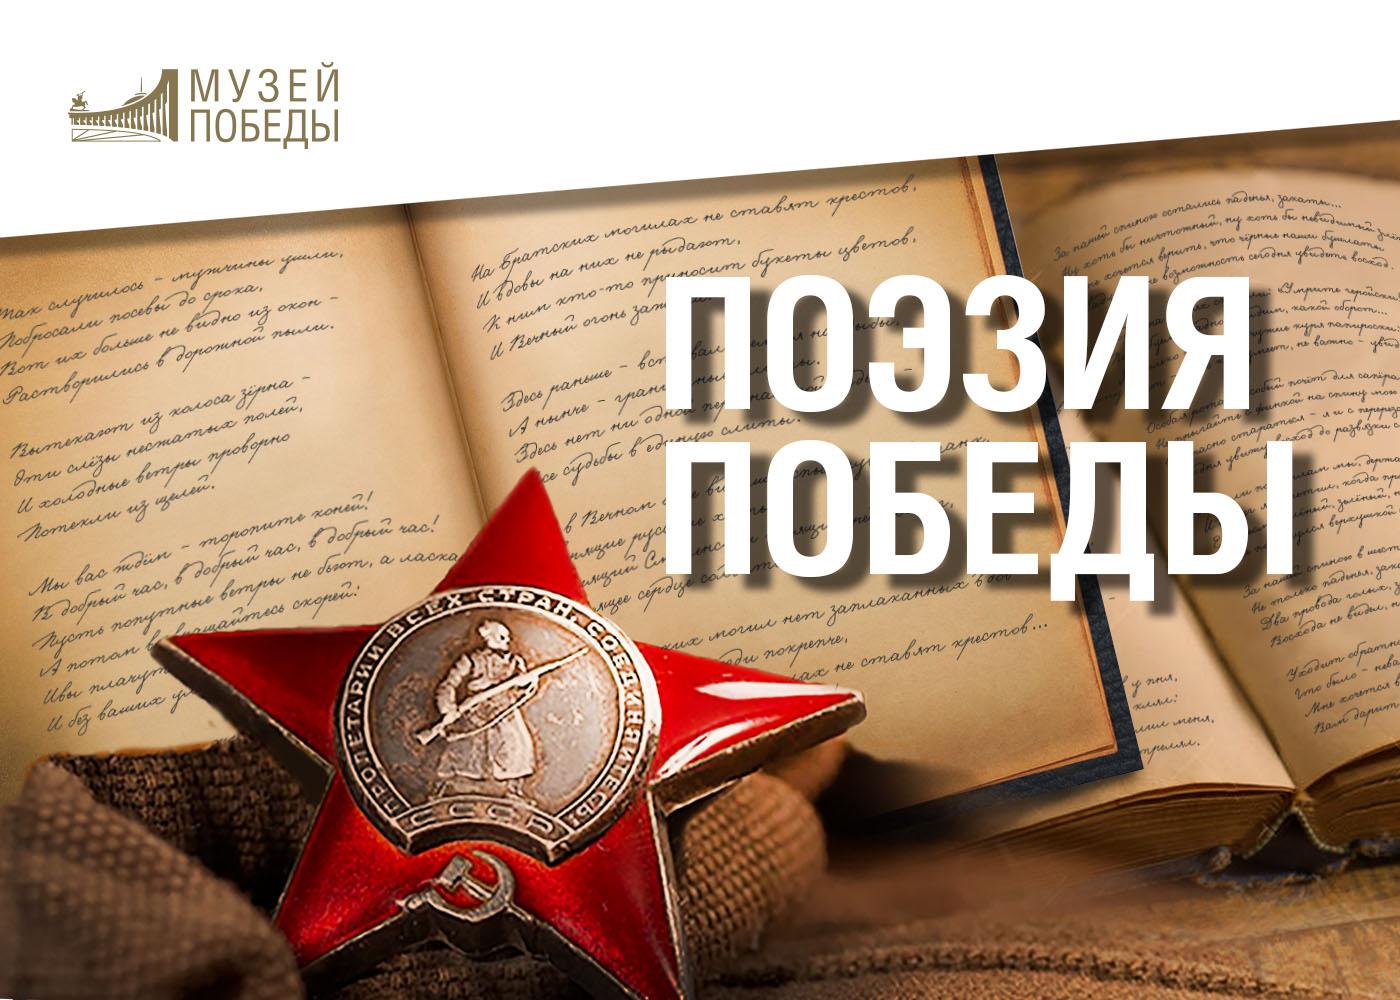 Музей Победы объявил о старте поэтического конкурса имени Андрея Дементьева